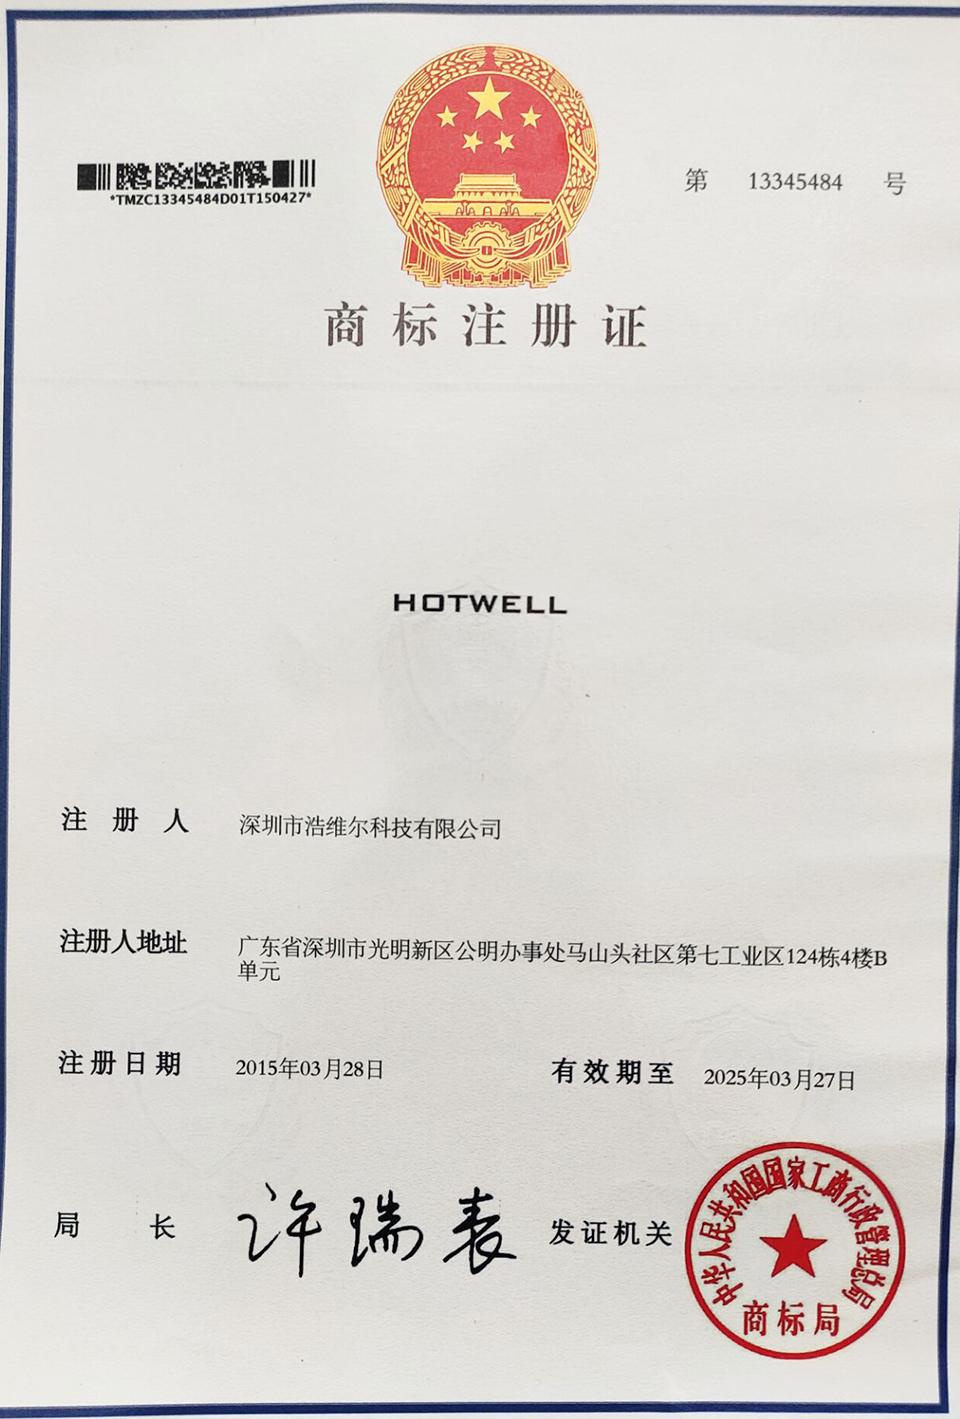 浩维尔注册商标.jpg